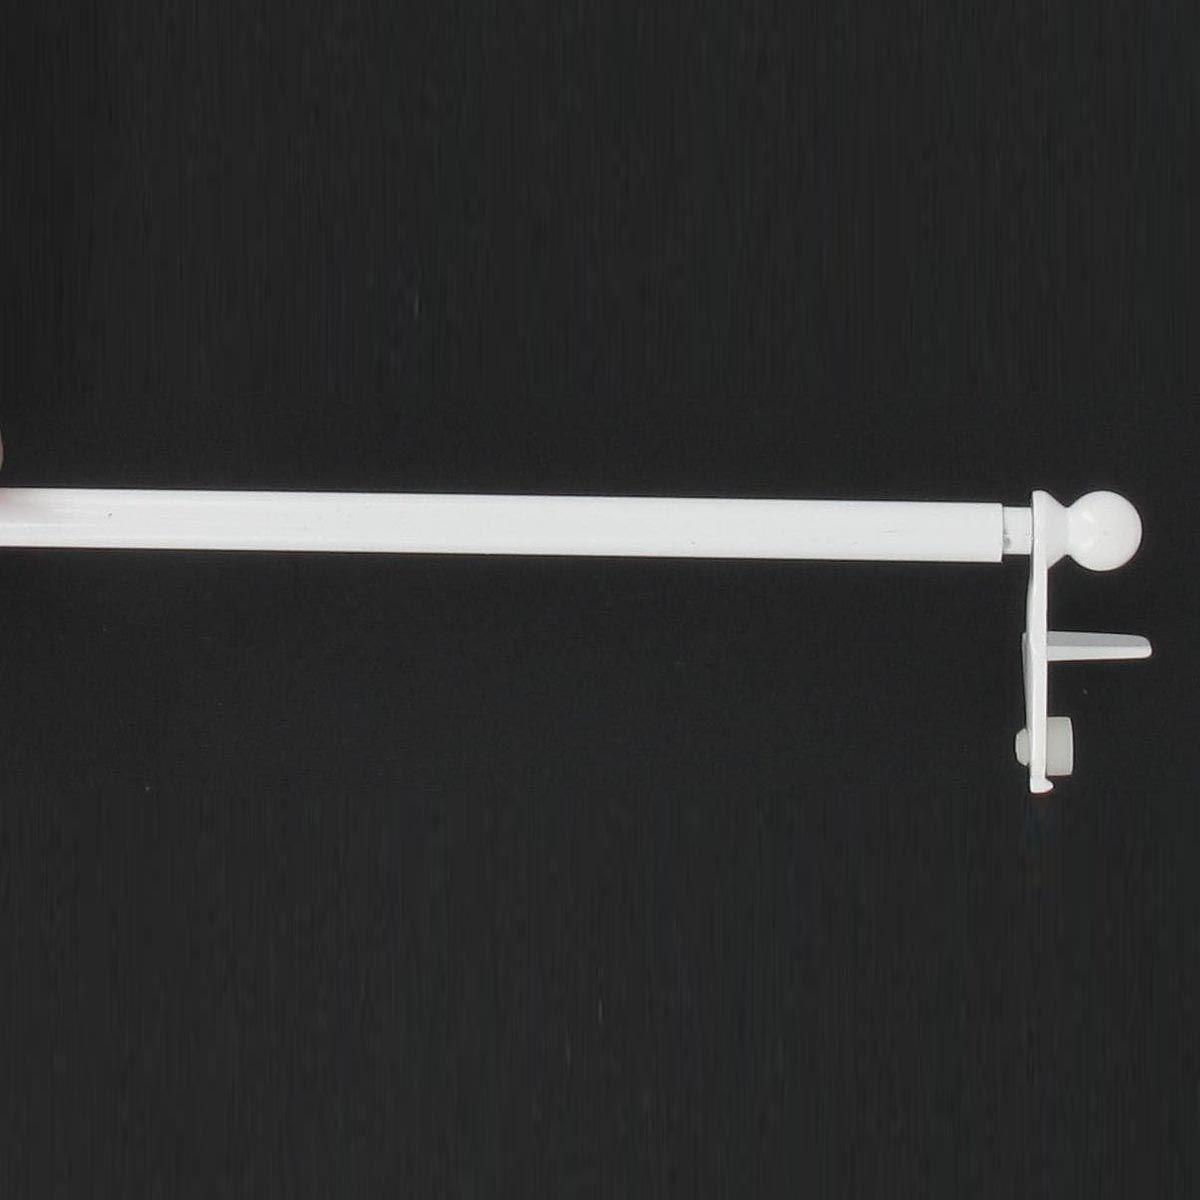 Barre vitrage extensible sans percer blanc 30/50 cm